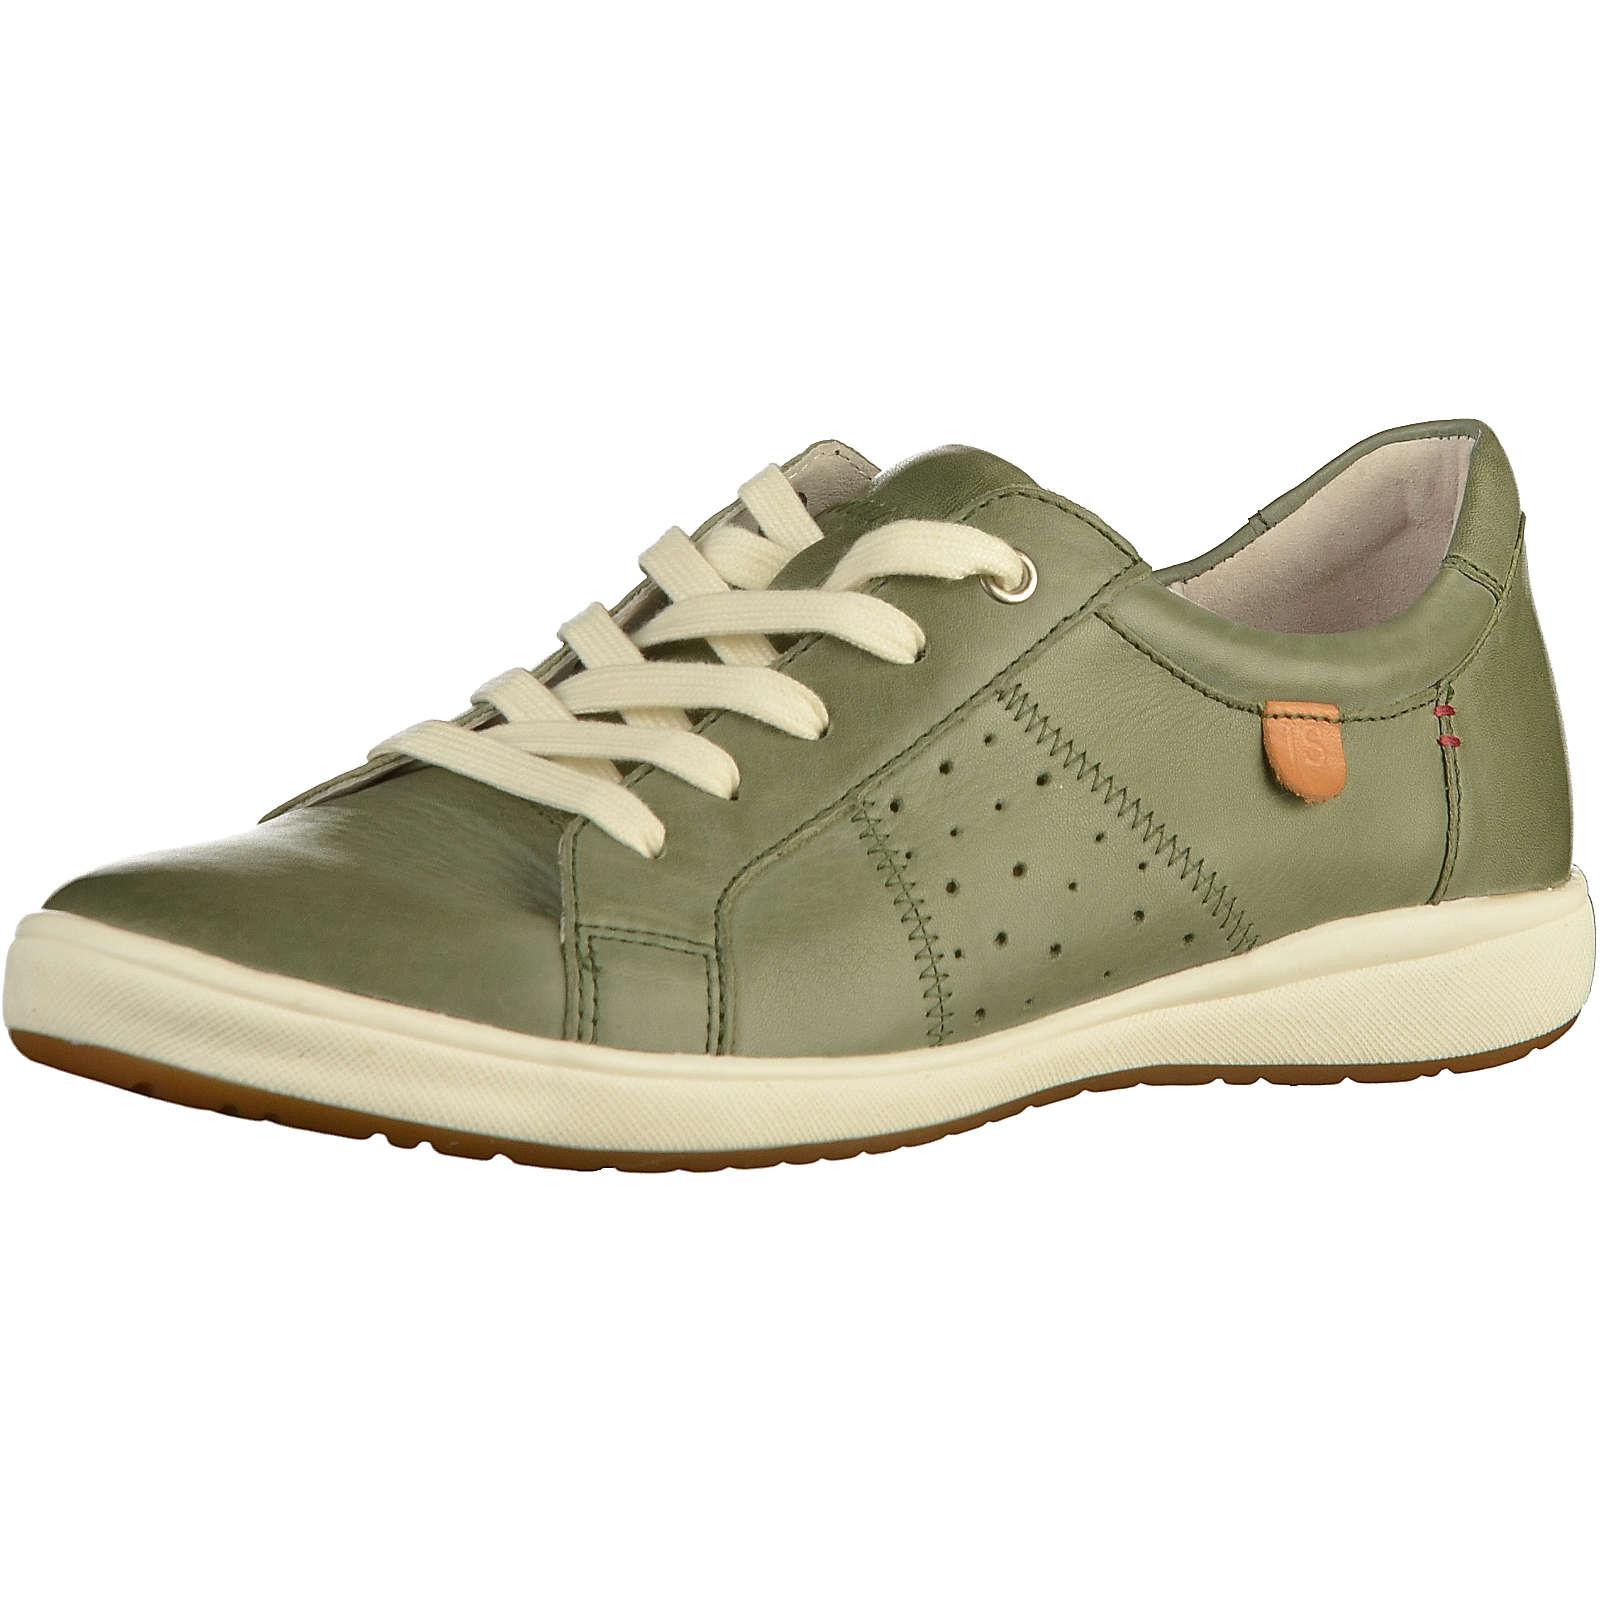 Josef Seibel Sneaker Sneakers Low mint Damen Gr. 42